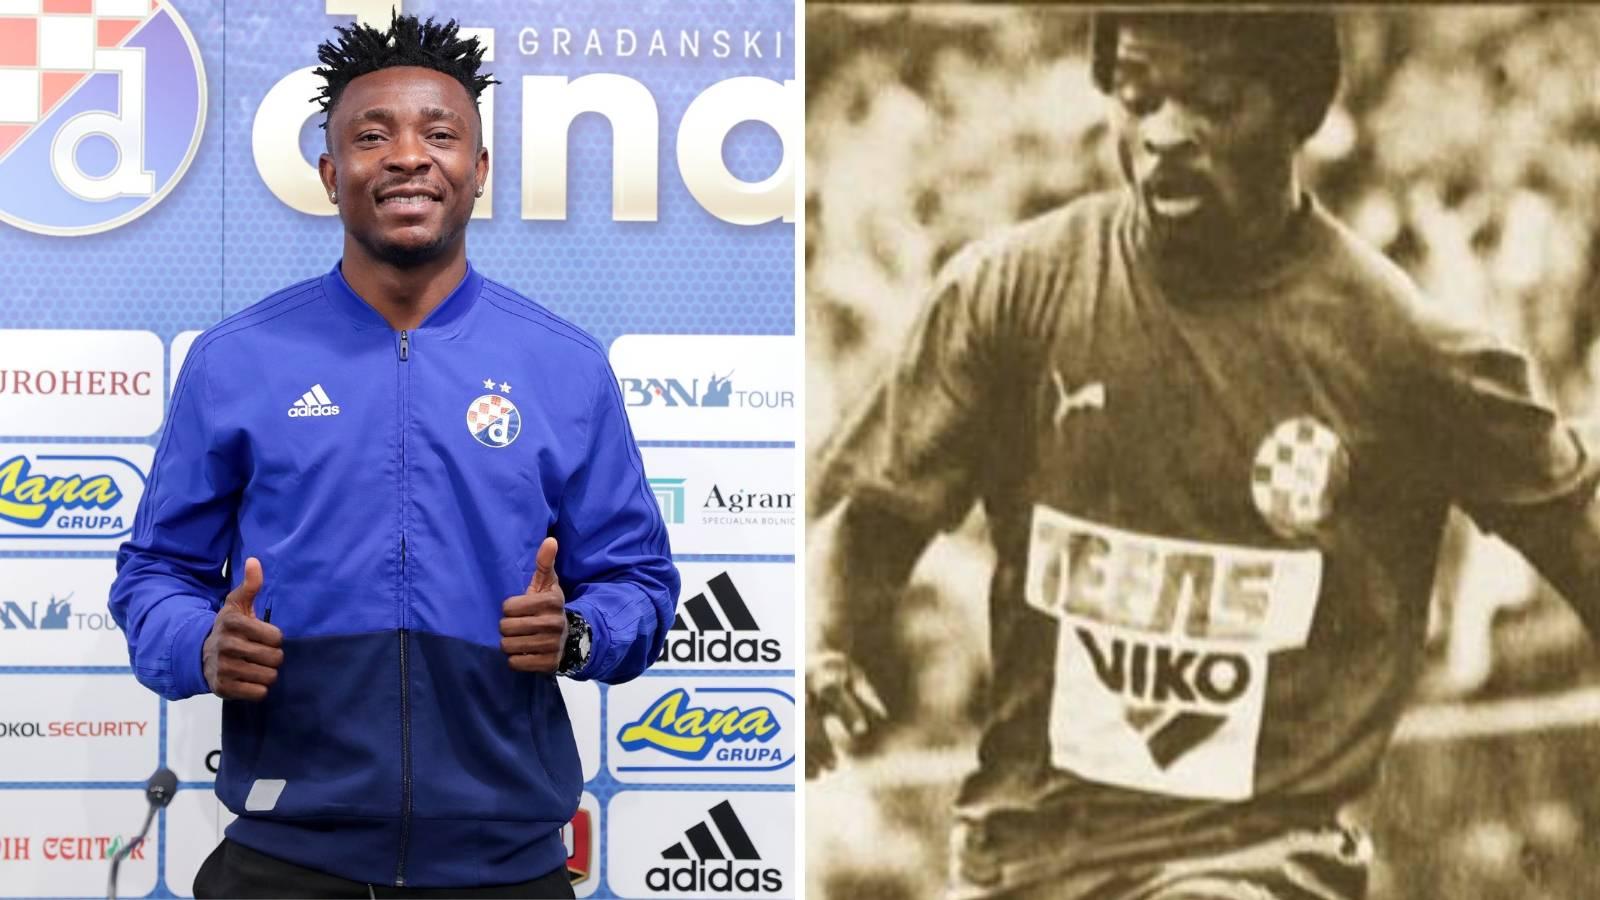 I prvi Dinamov stranac bio je Nigerijac: Štef umro s 25 god.